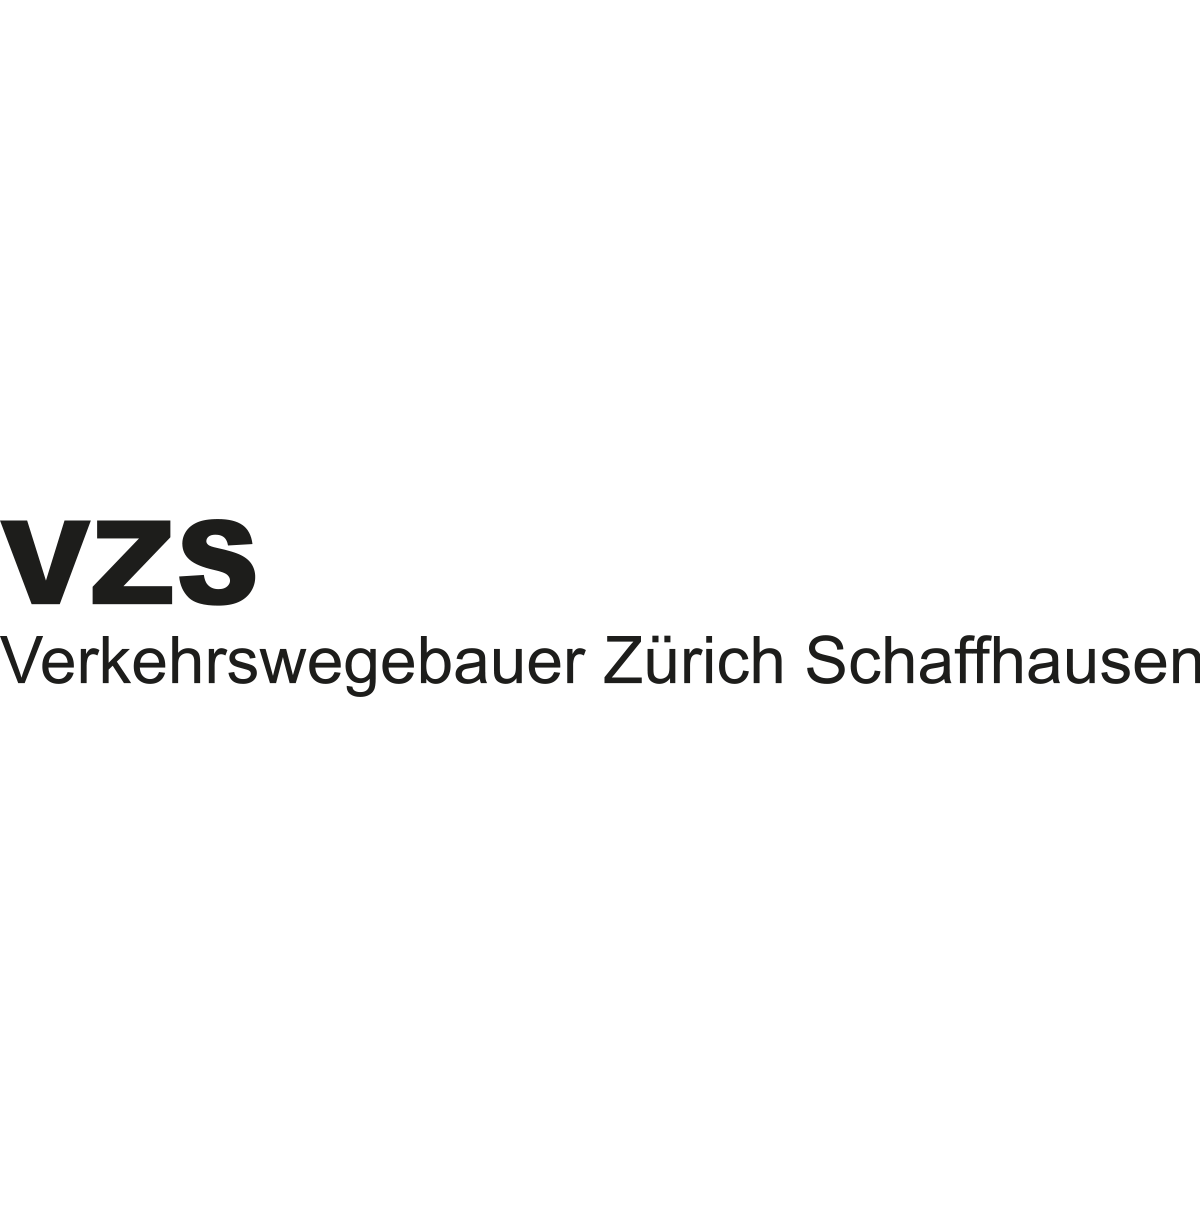 VZS Verkehrswegebauer Zürich Schaffhausen